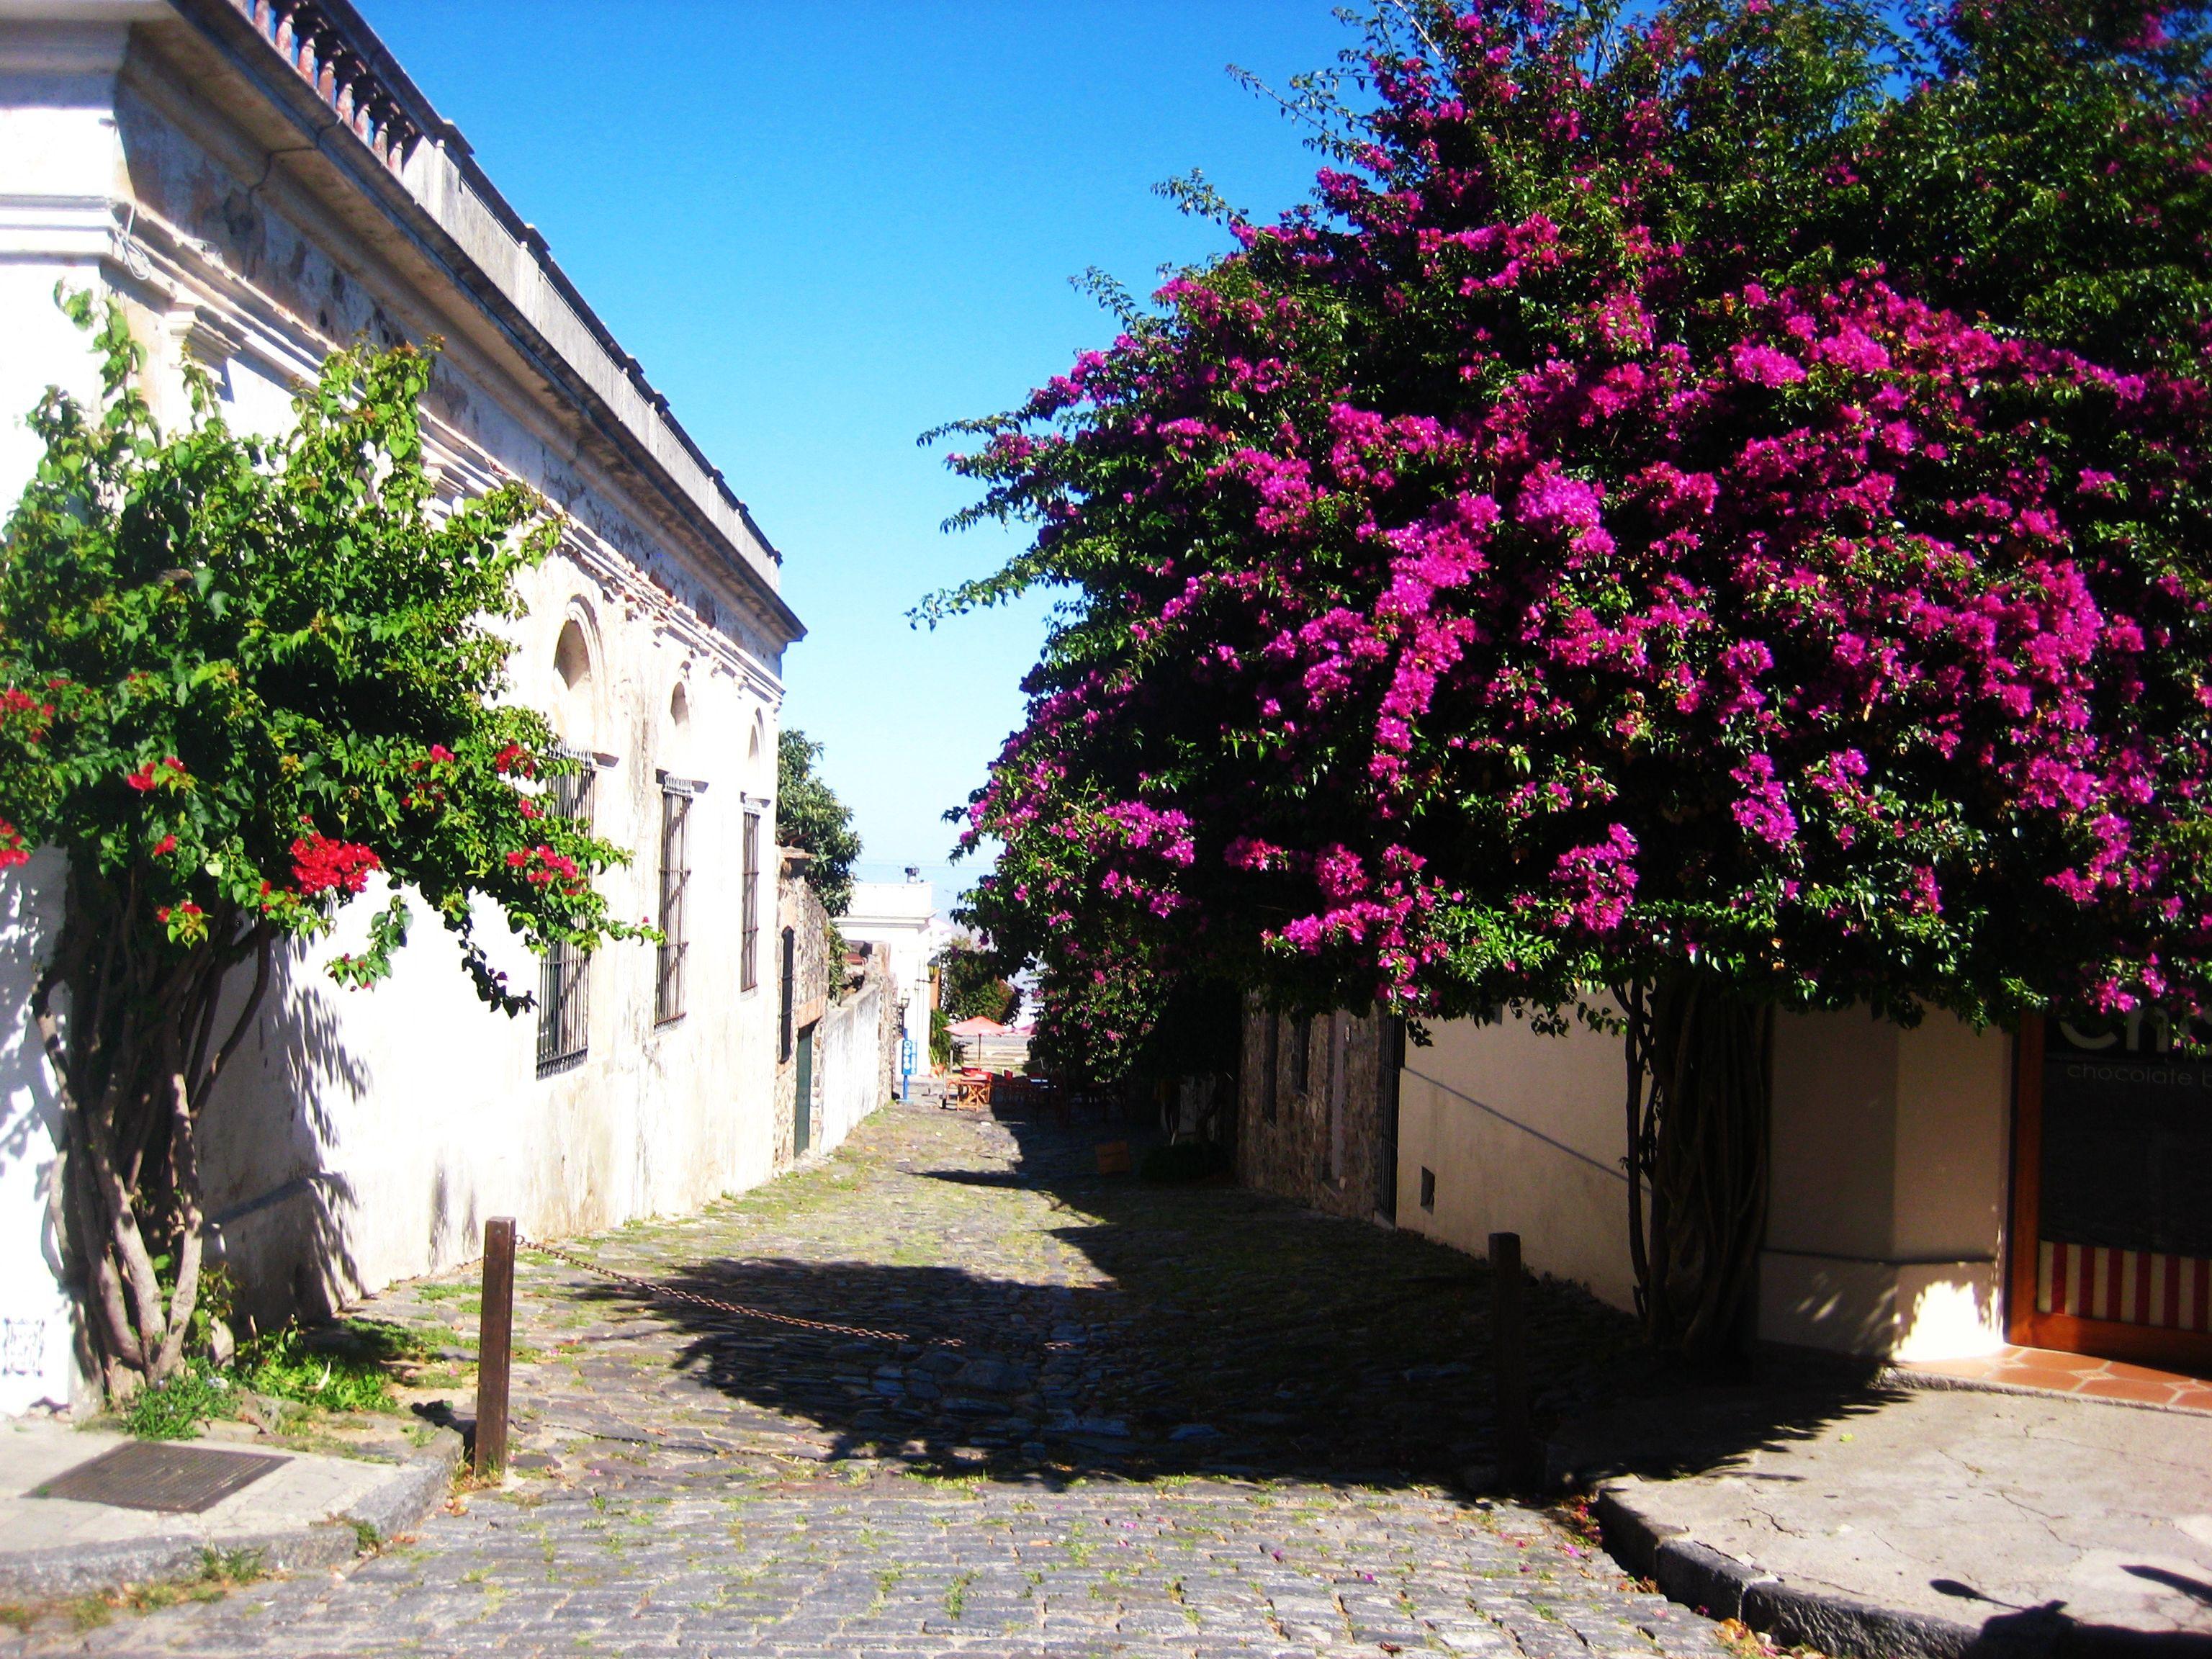 A cobblestone street in old town of Colonia del Sacramento